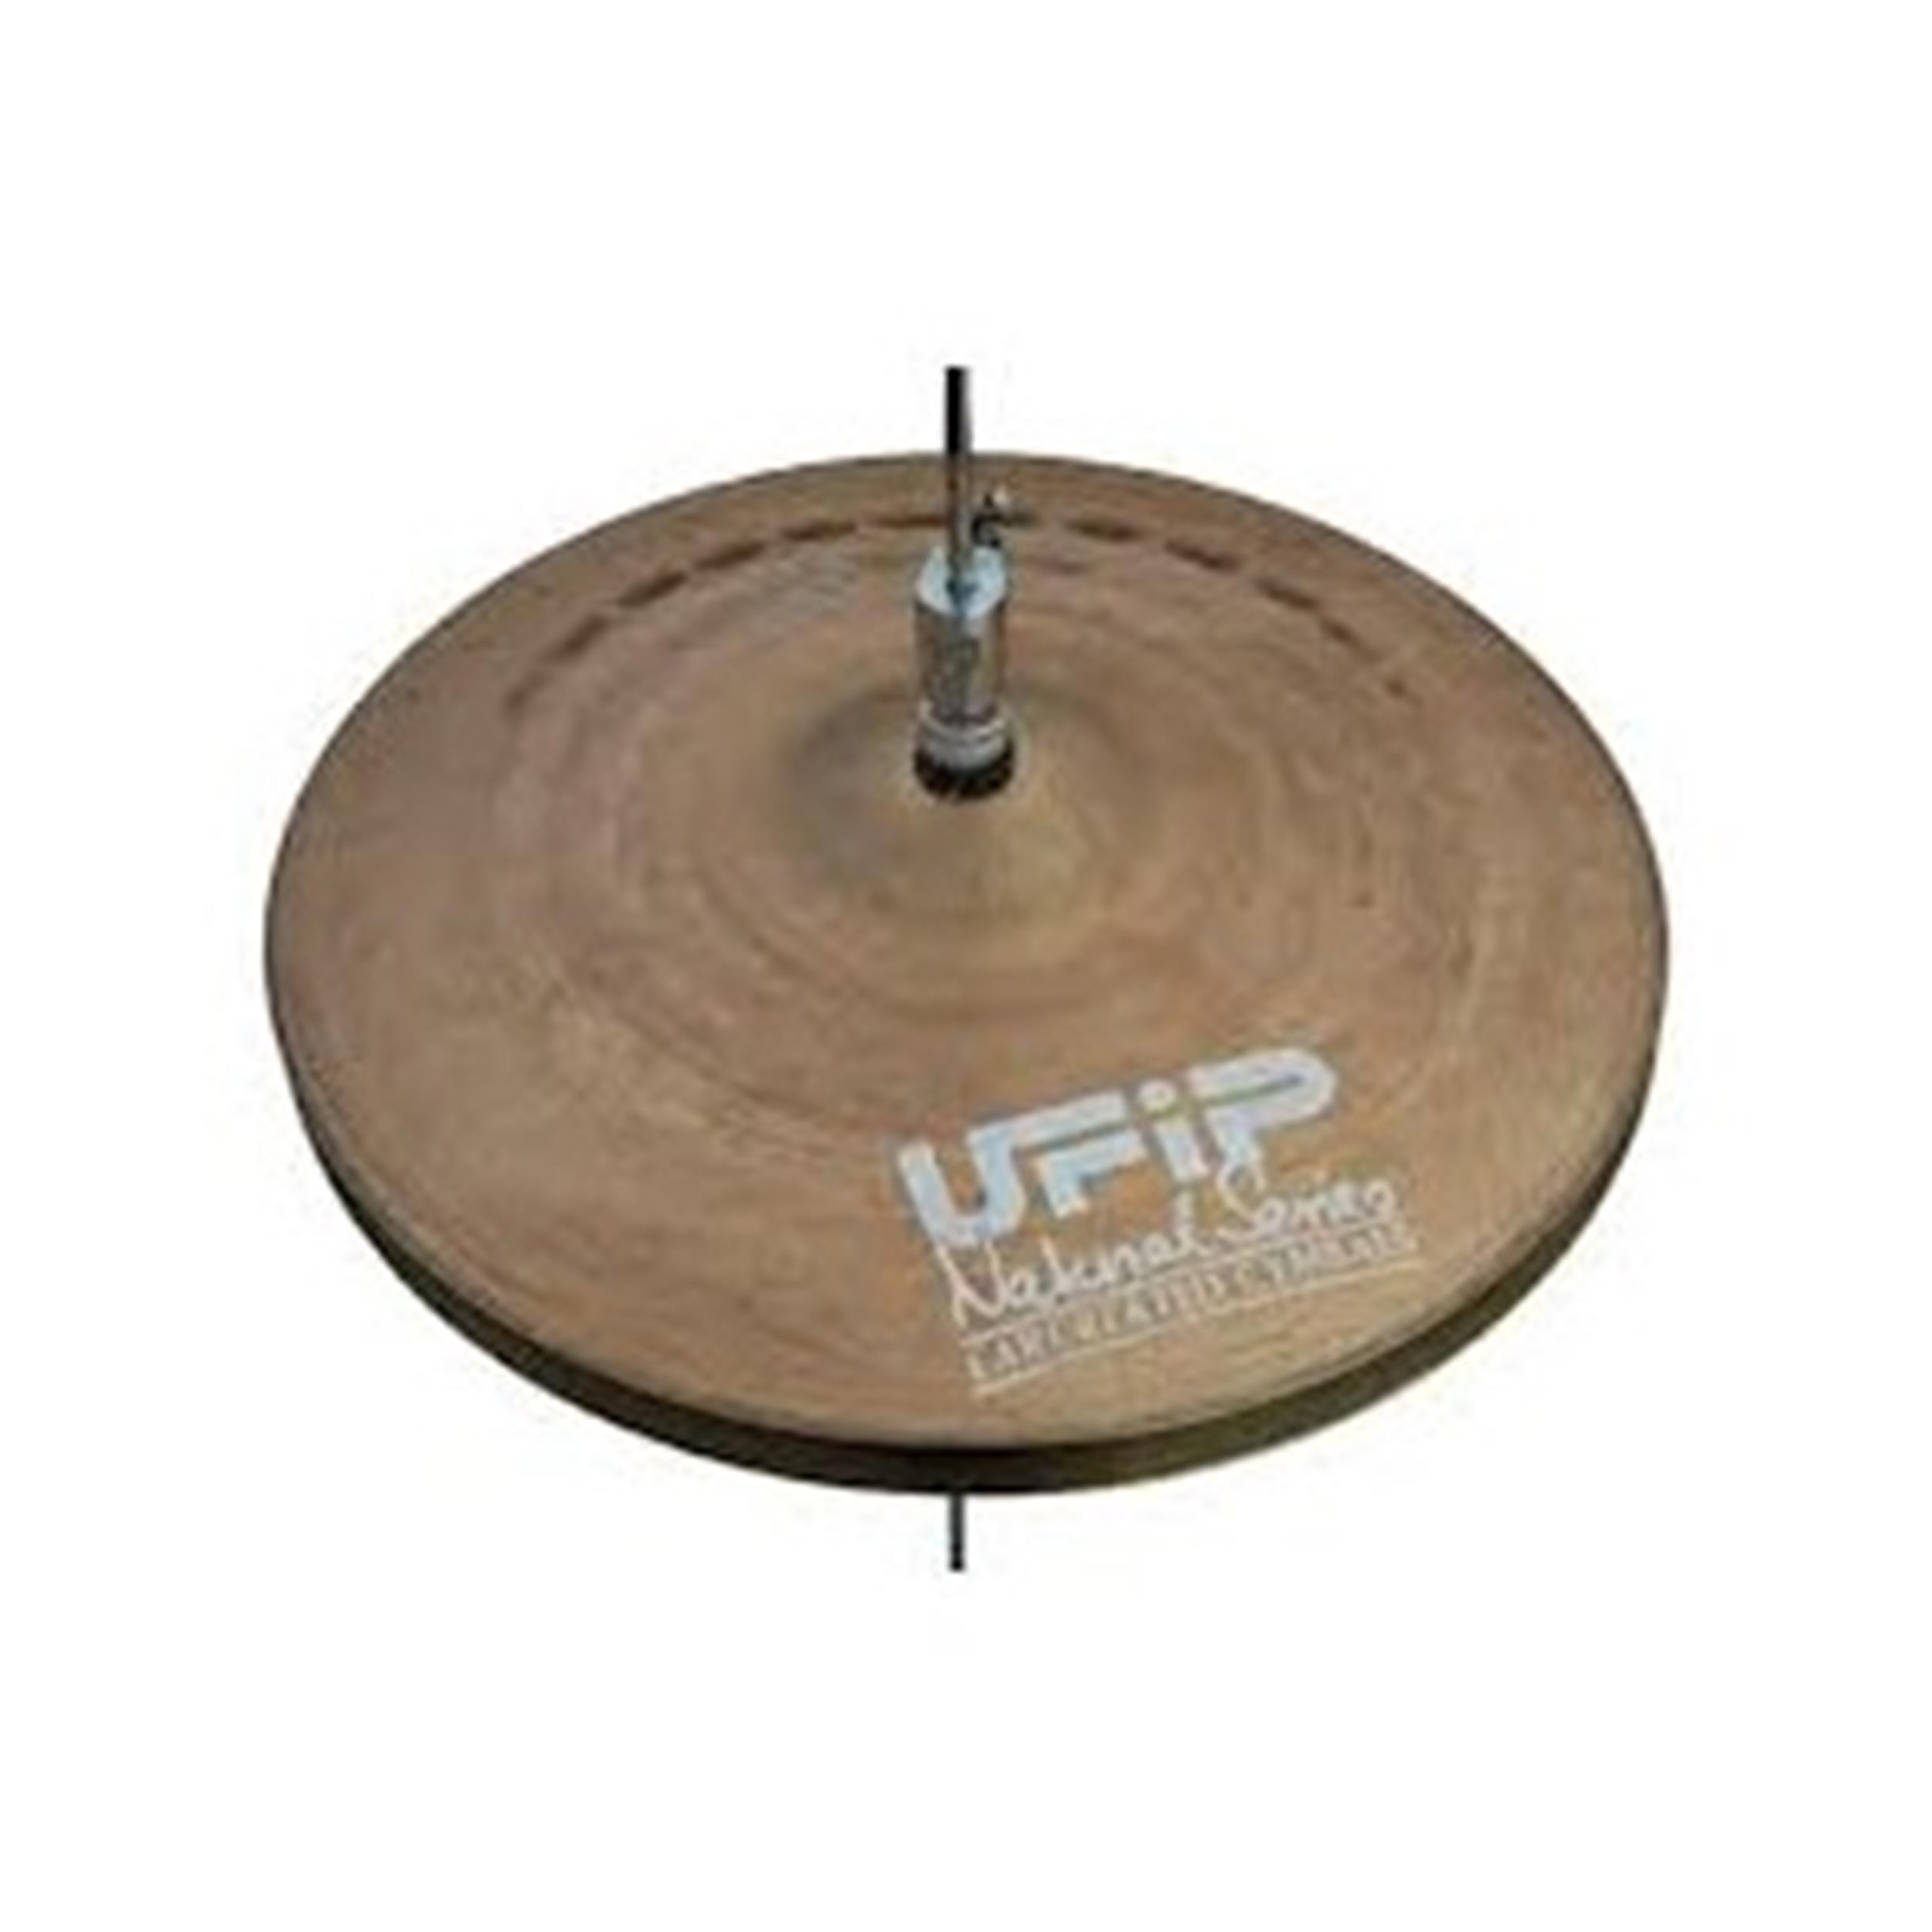 UFIP-NATURAL-HI-HAT-14-MEDIUM-sku-9380